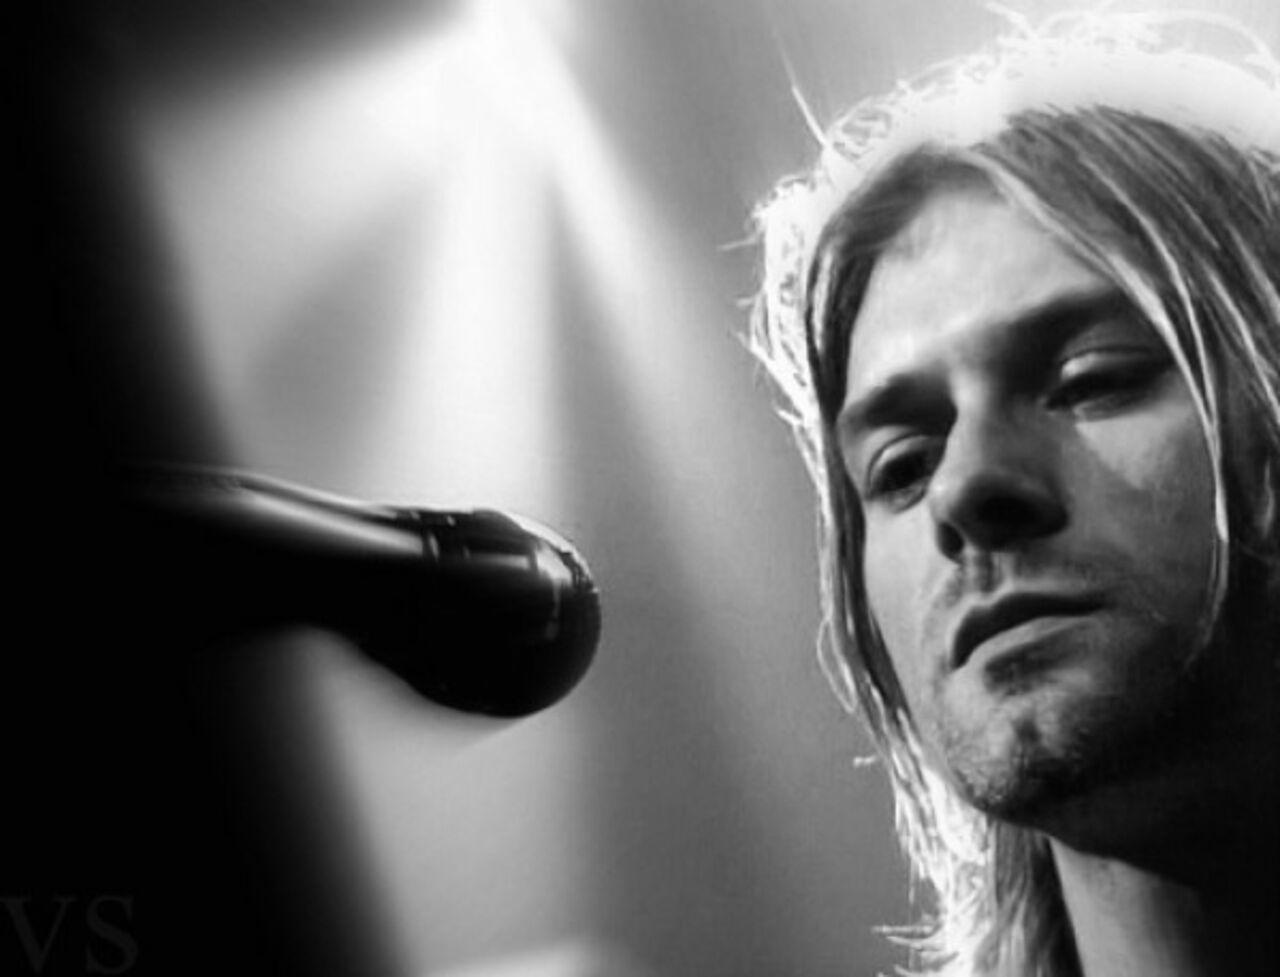 Группа Nirvana опубликовала в своём аккаунте Facebook шуточное сообщение которое заявляет что основатель группы Курт Кобейн всё ещё мёртв